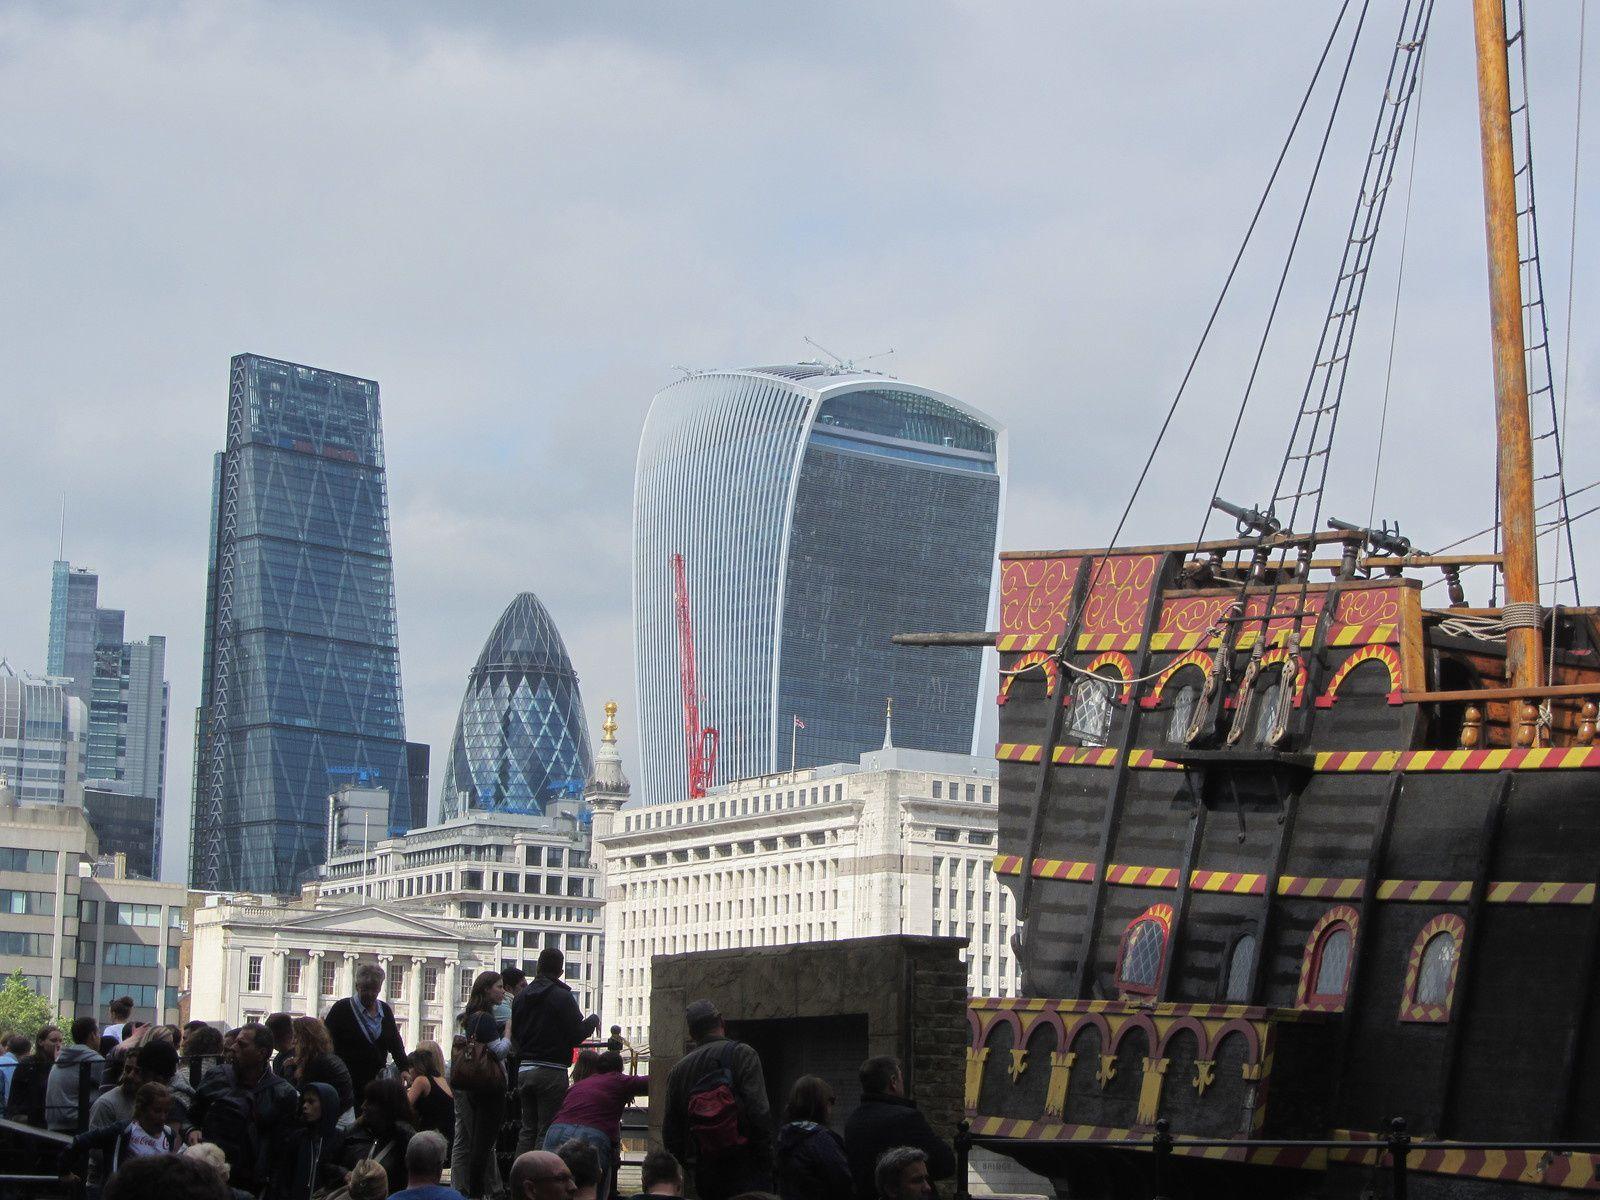 """Le gallion met allégrement le cap sur la """"city"""" (quartier des affaires). Les londoniens font preuve d'humour en donnant de petits surnoms à tous ces colosses : comme le """"cornichon"""" ou la """"rape à fromage"""""""